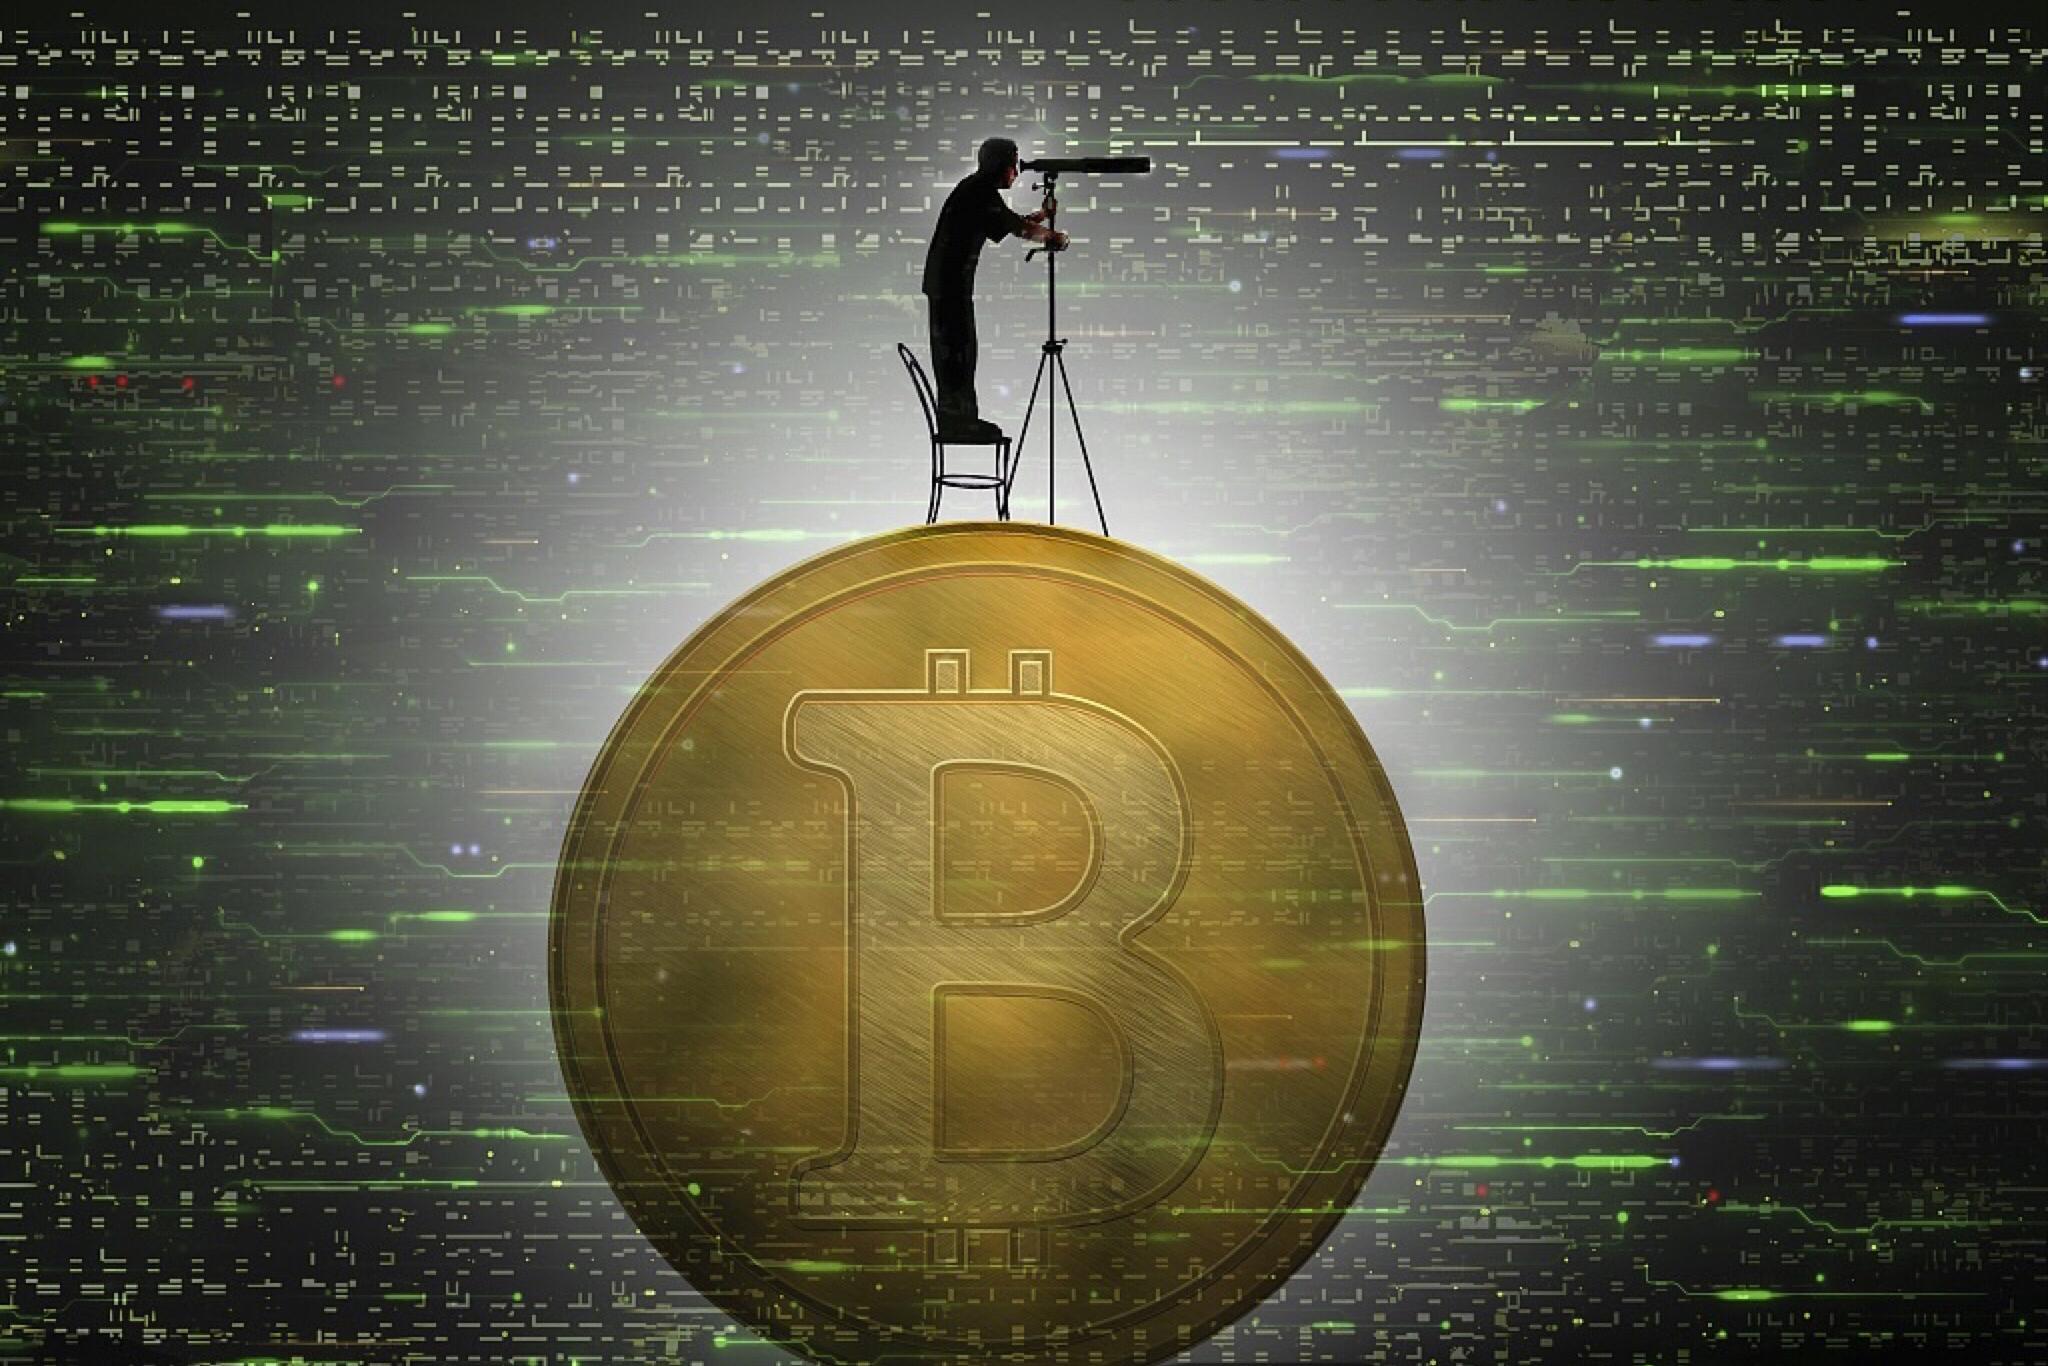 """【链得得独家】后泡沫时代""""造币引擎"""",加密货币矿业的生意经"""